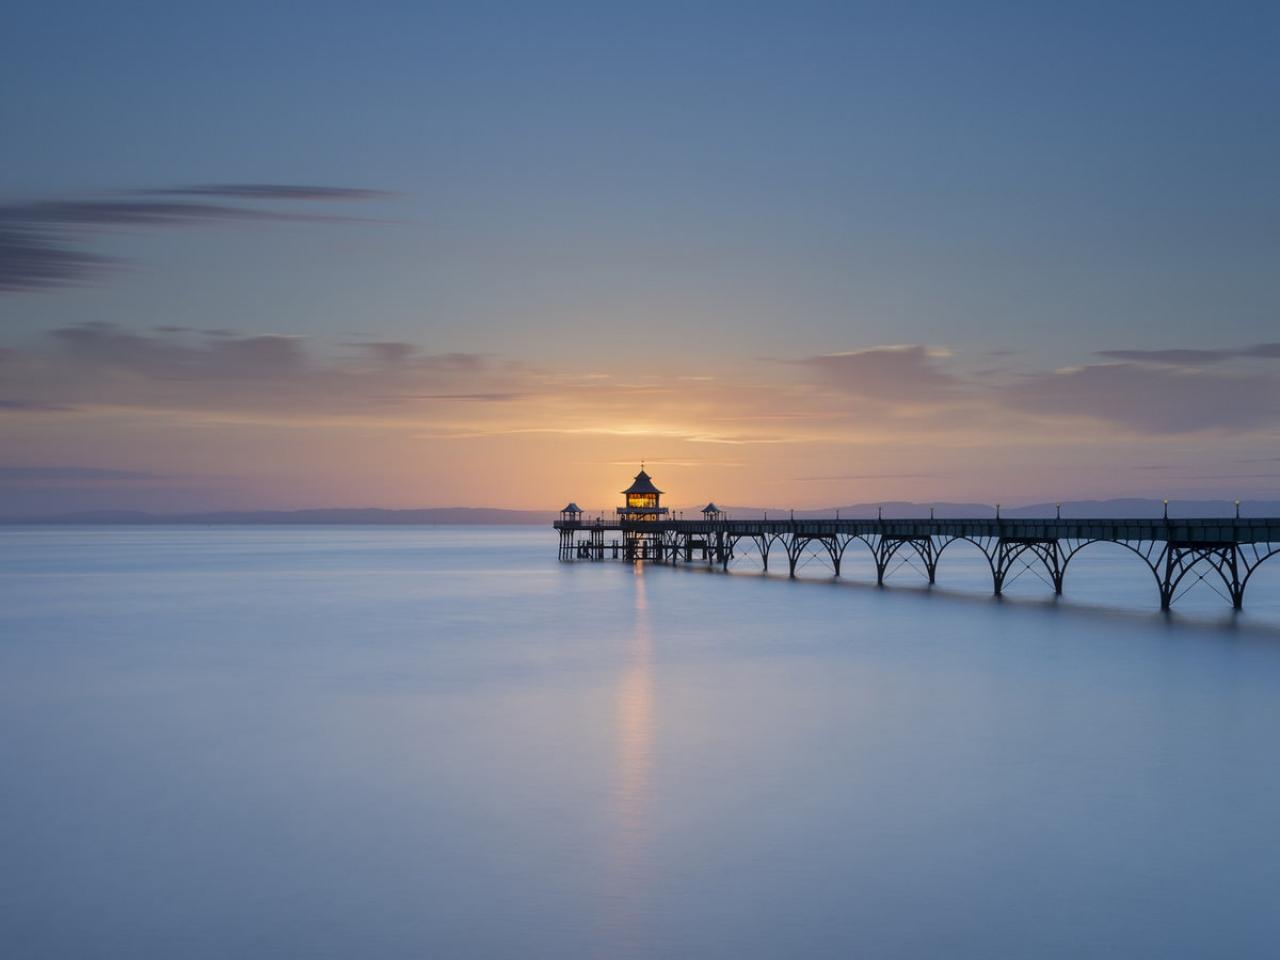 Puesta de sol con un puente - 1280x960